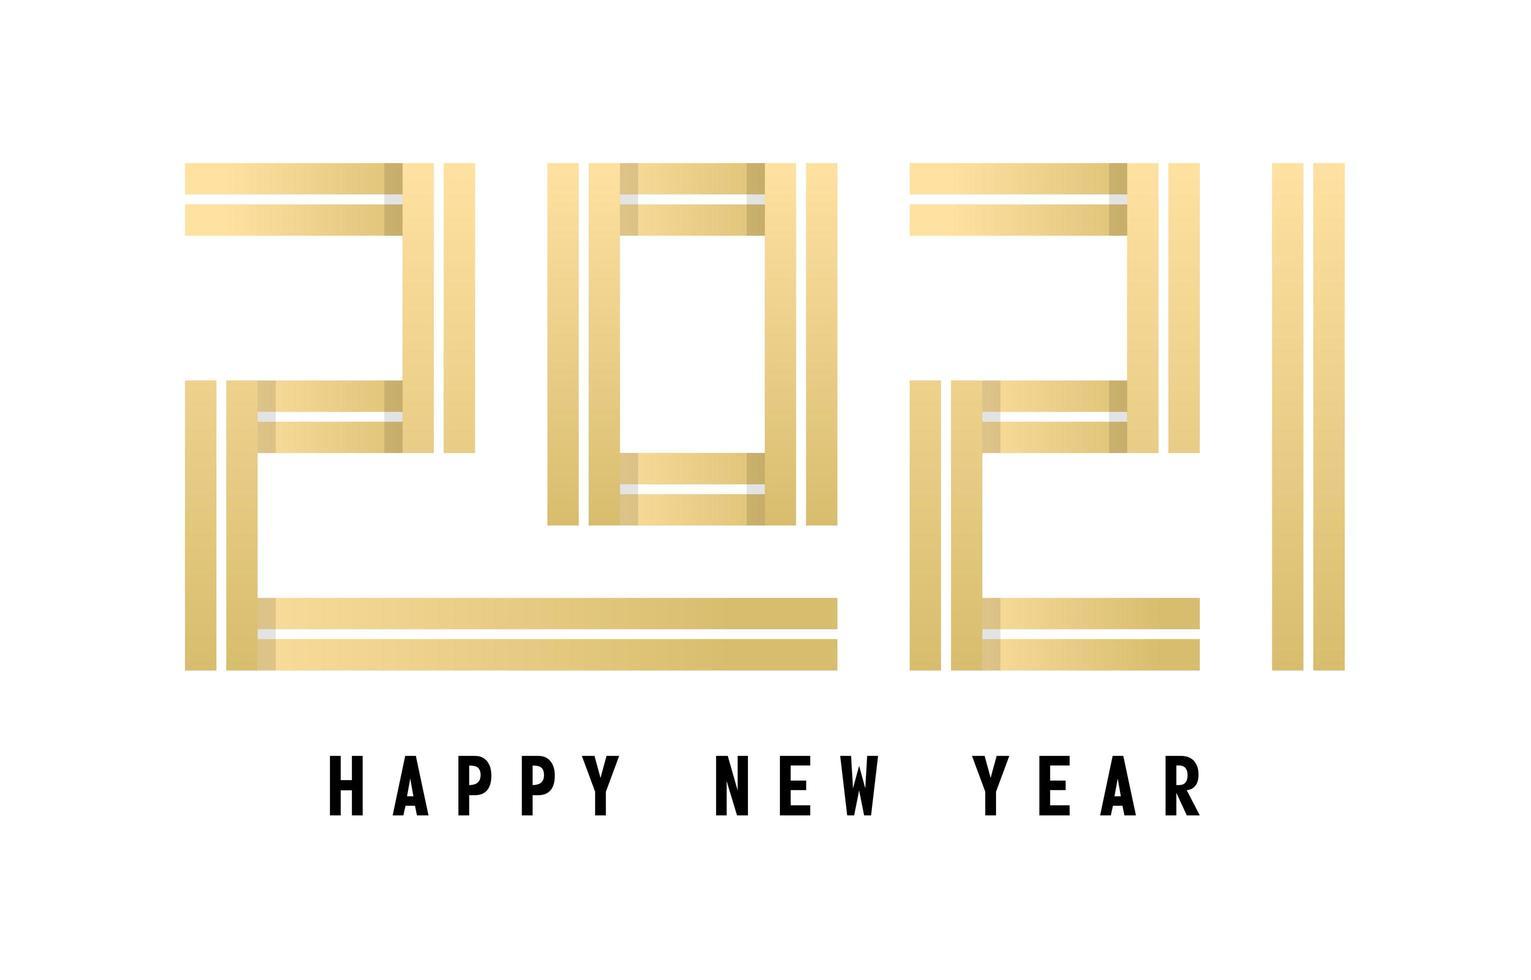 gott nytt år 2021 gyllene typografi design vektor